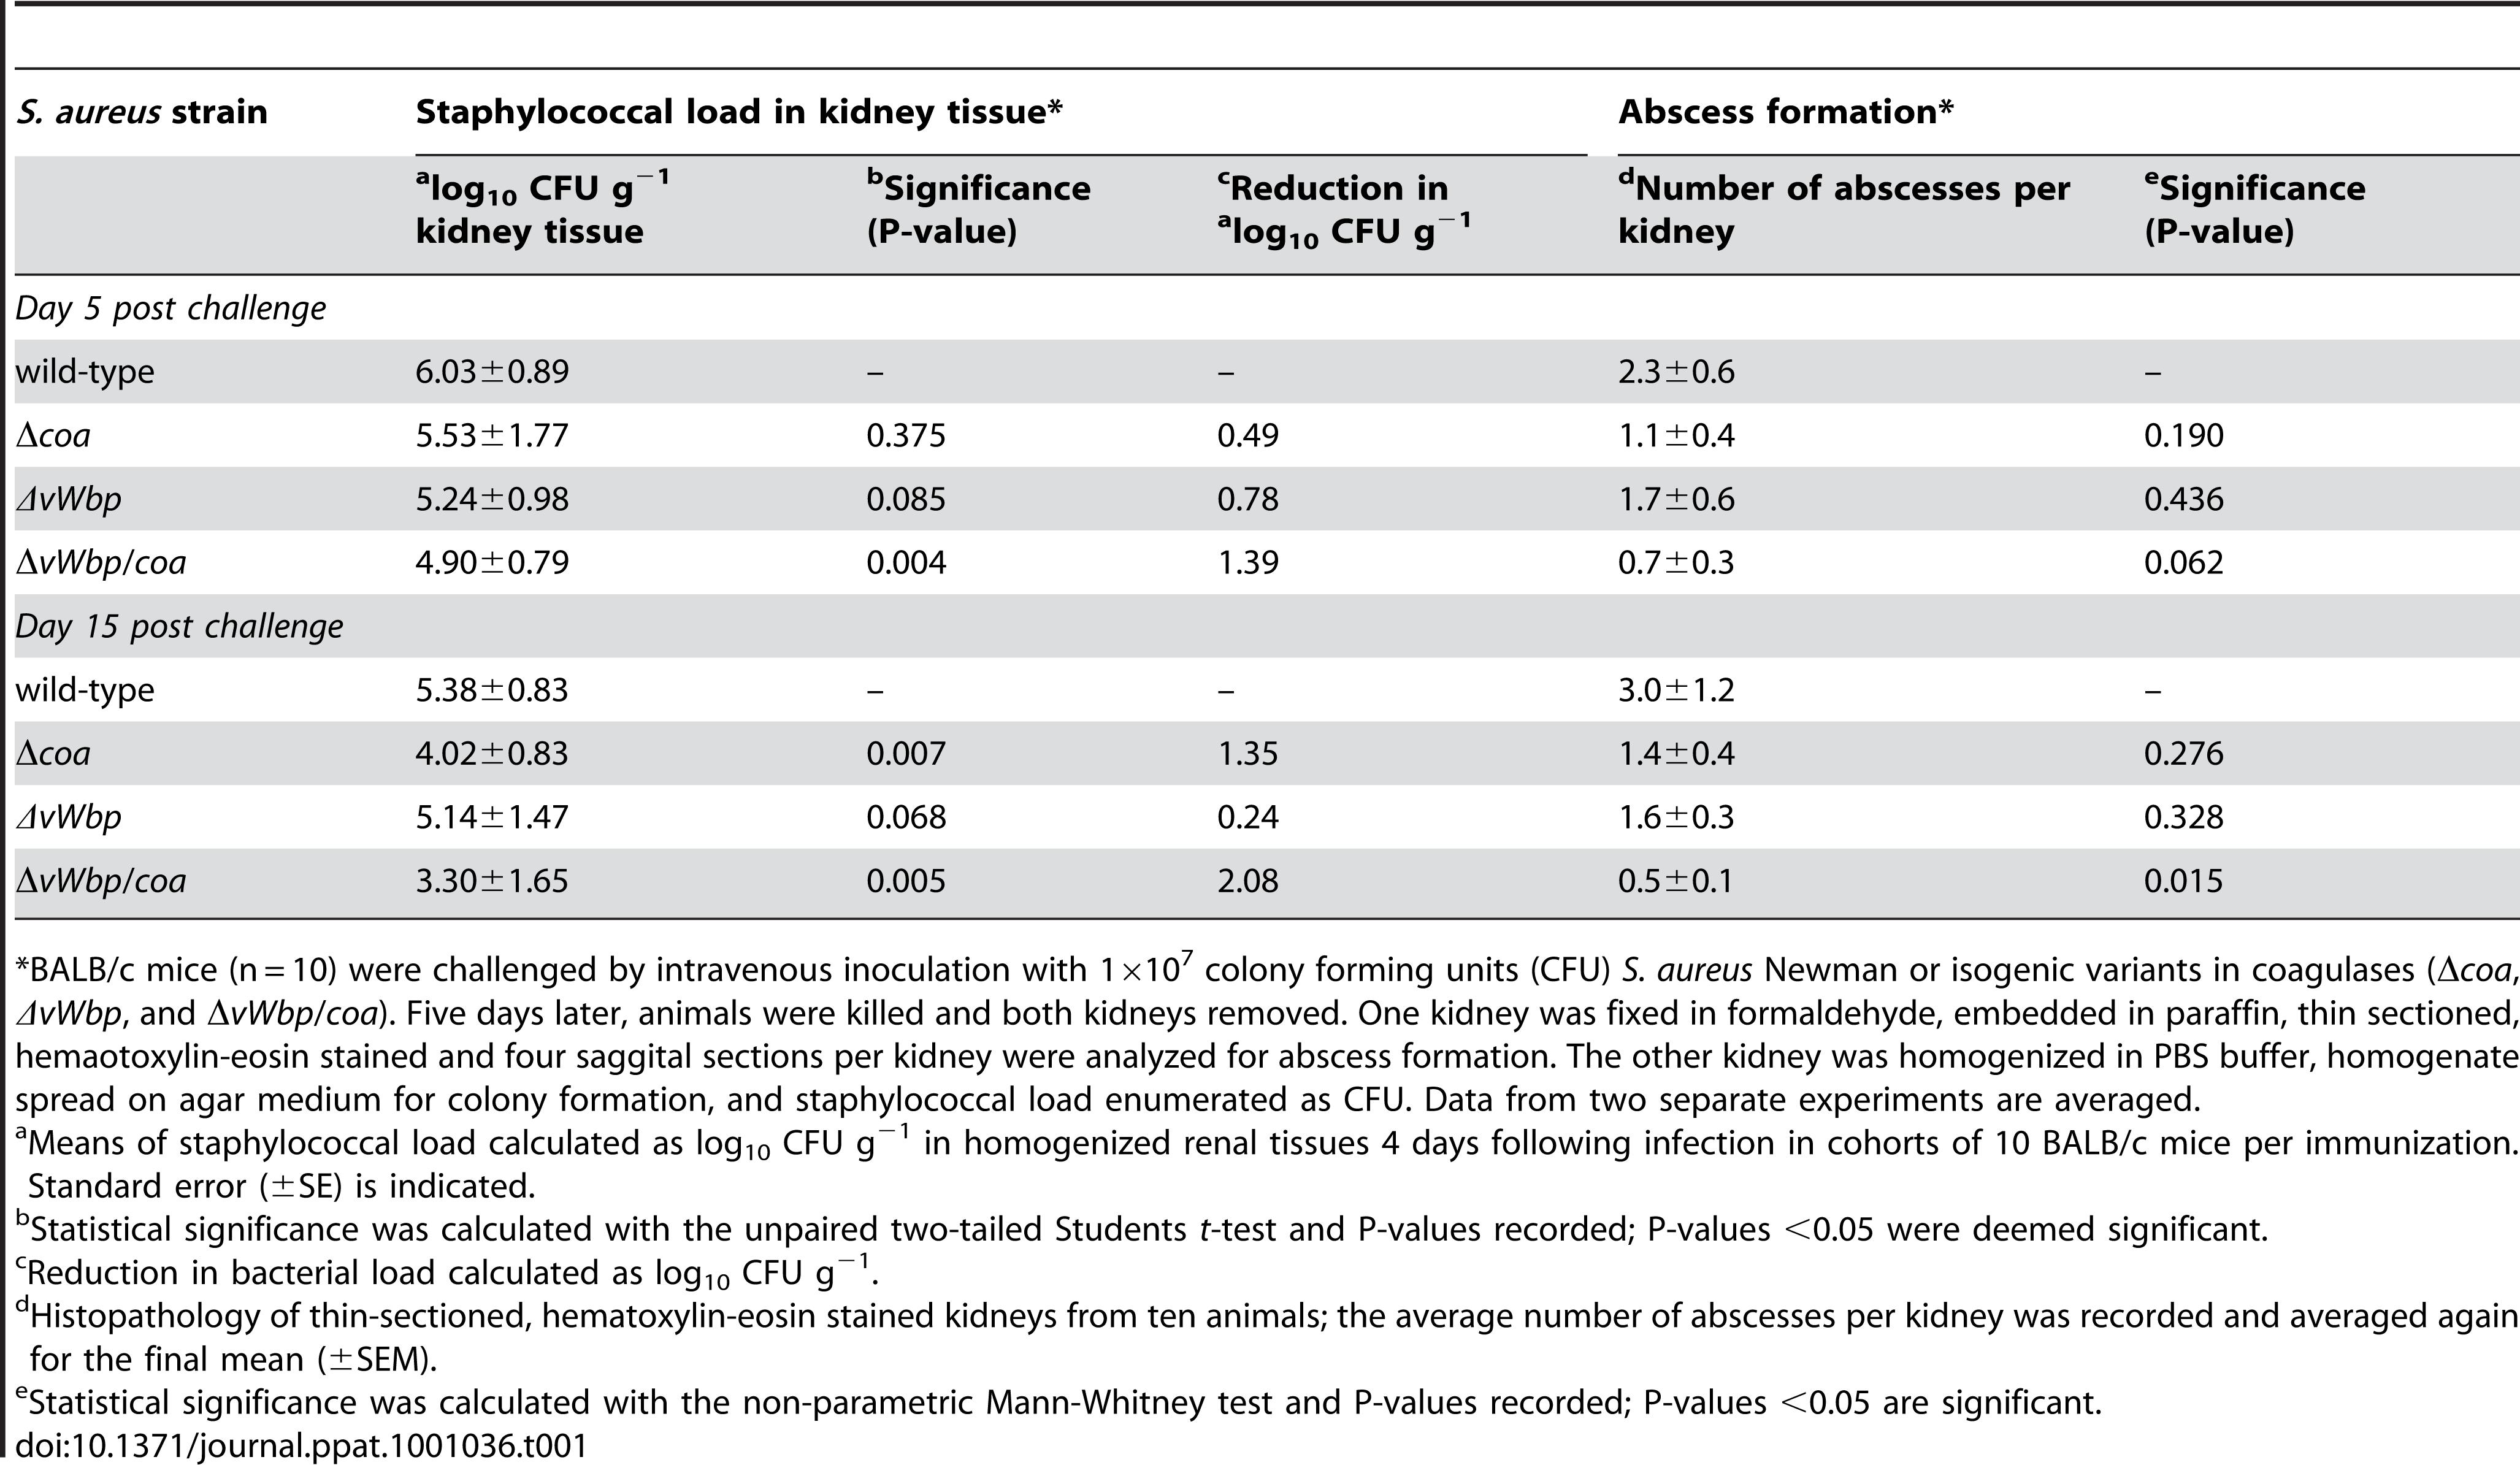 Virulence of staphylococcal Δ<i>coa</i>, <i>ΔvWbp</i>, and Δ<i>vWbp</i>/<i>coa</i> variants.